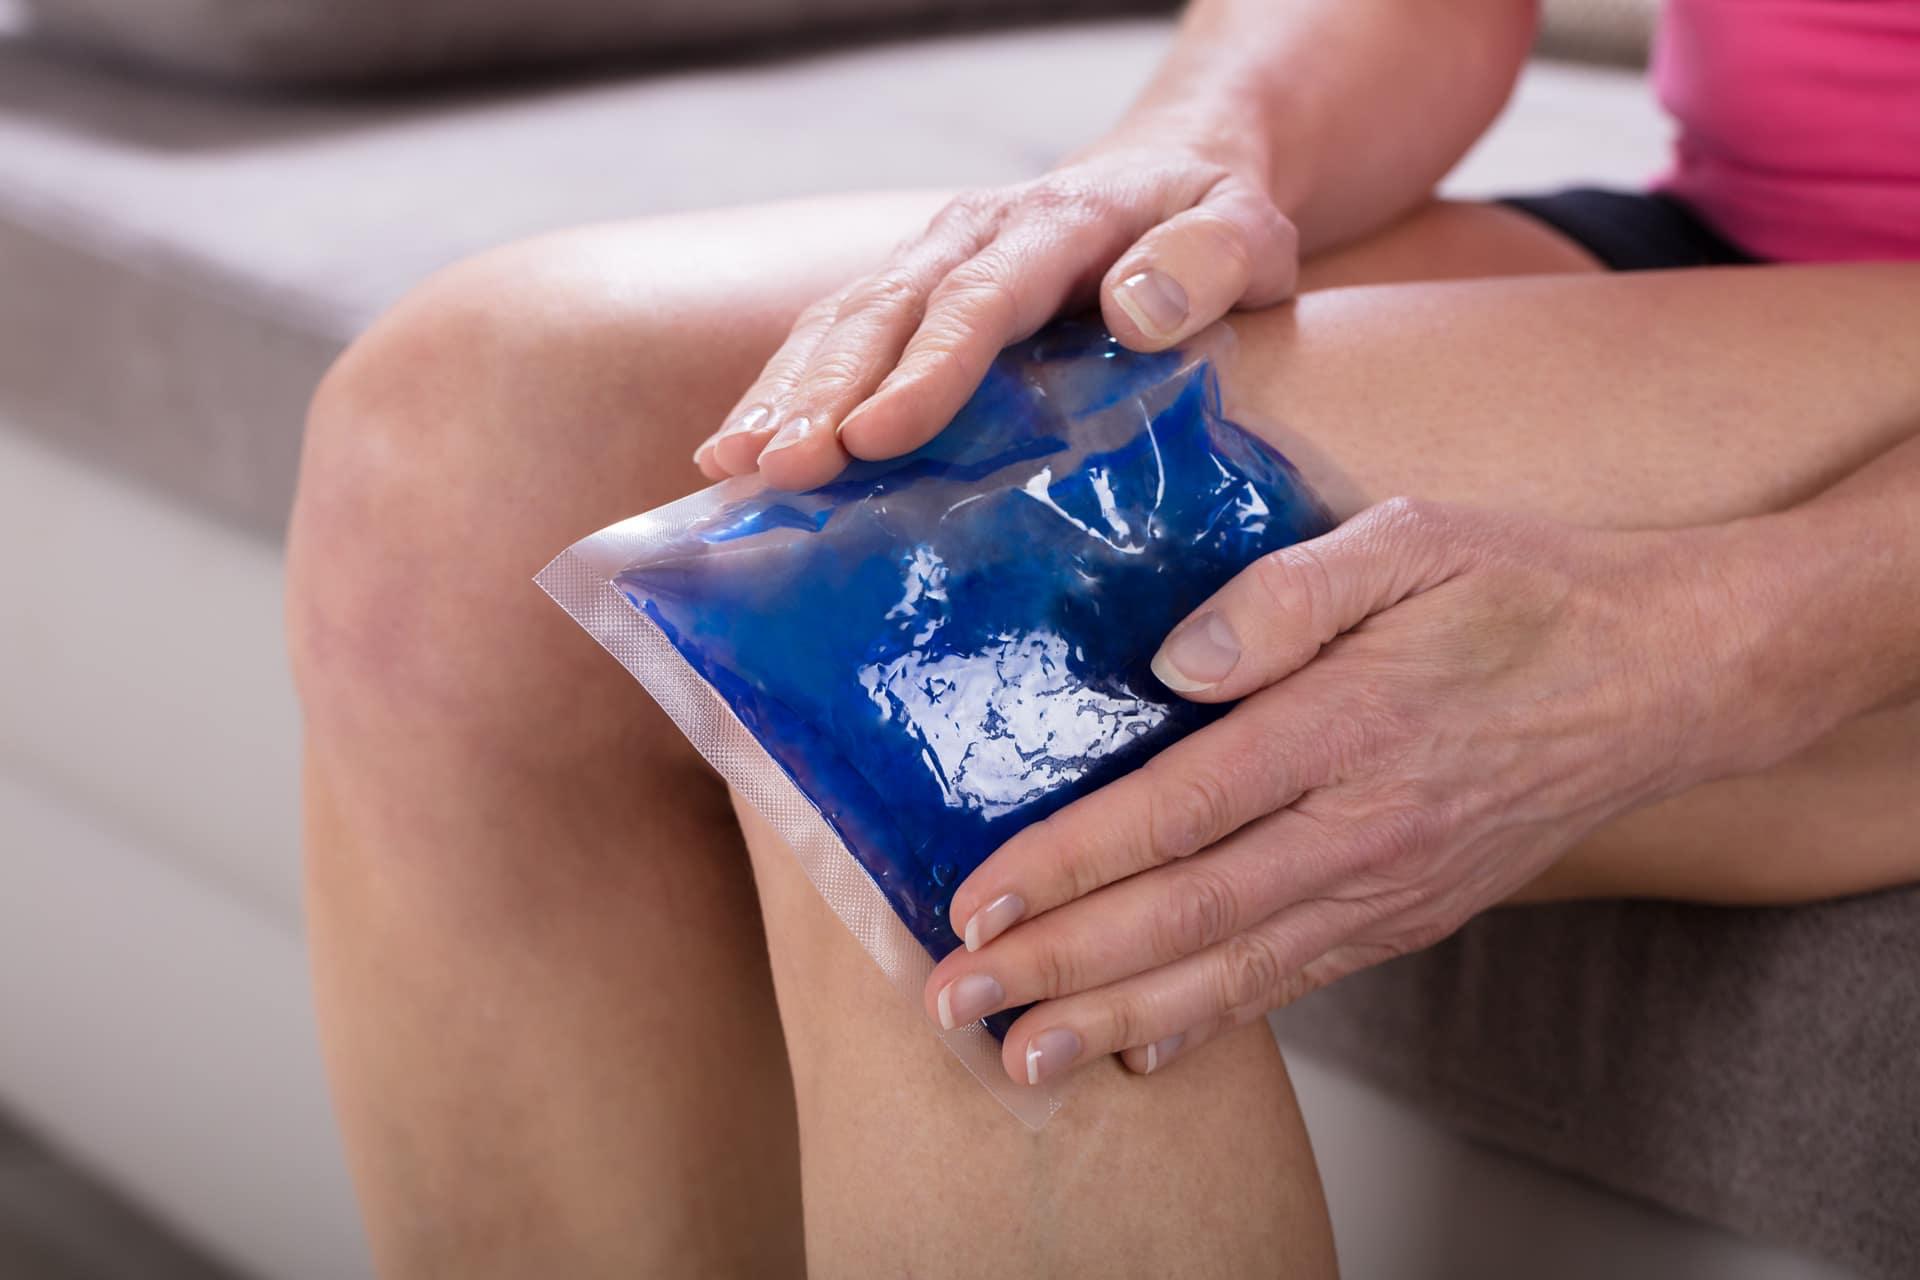 Frau kühlt ihr Knie - Behandlung von Innenmeniskusriss